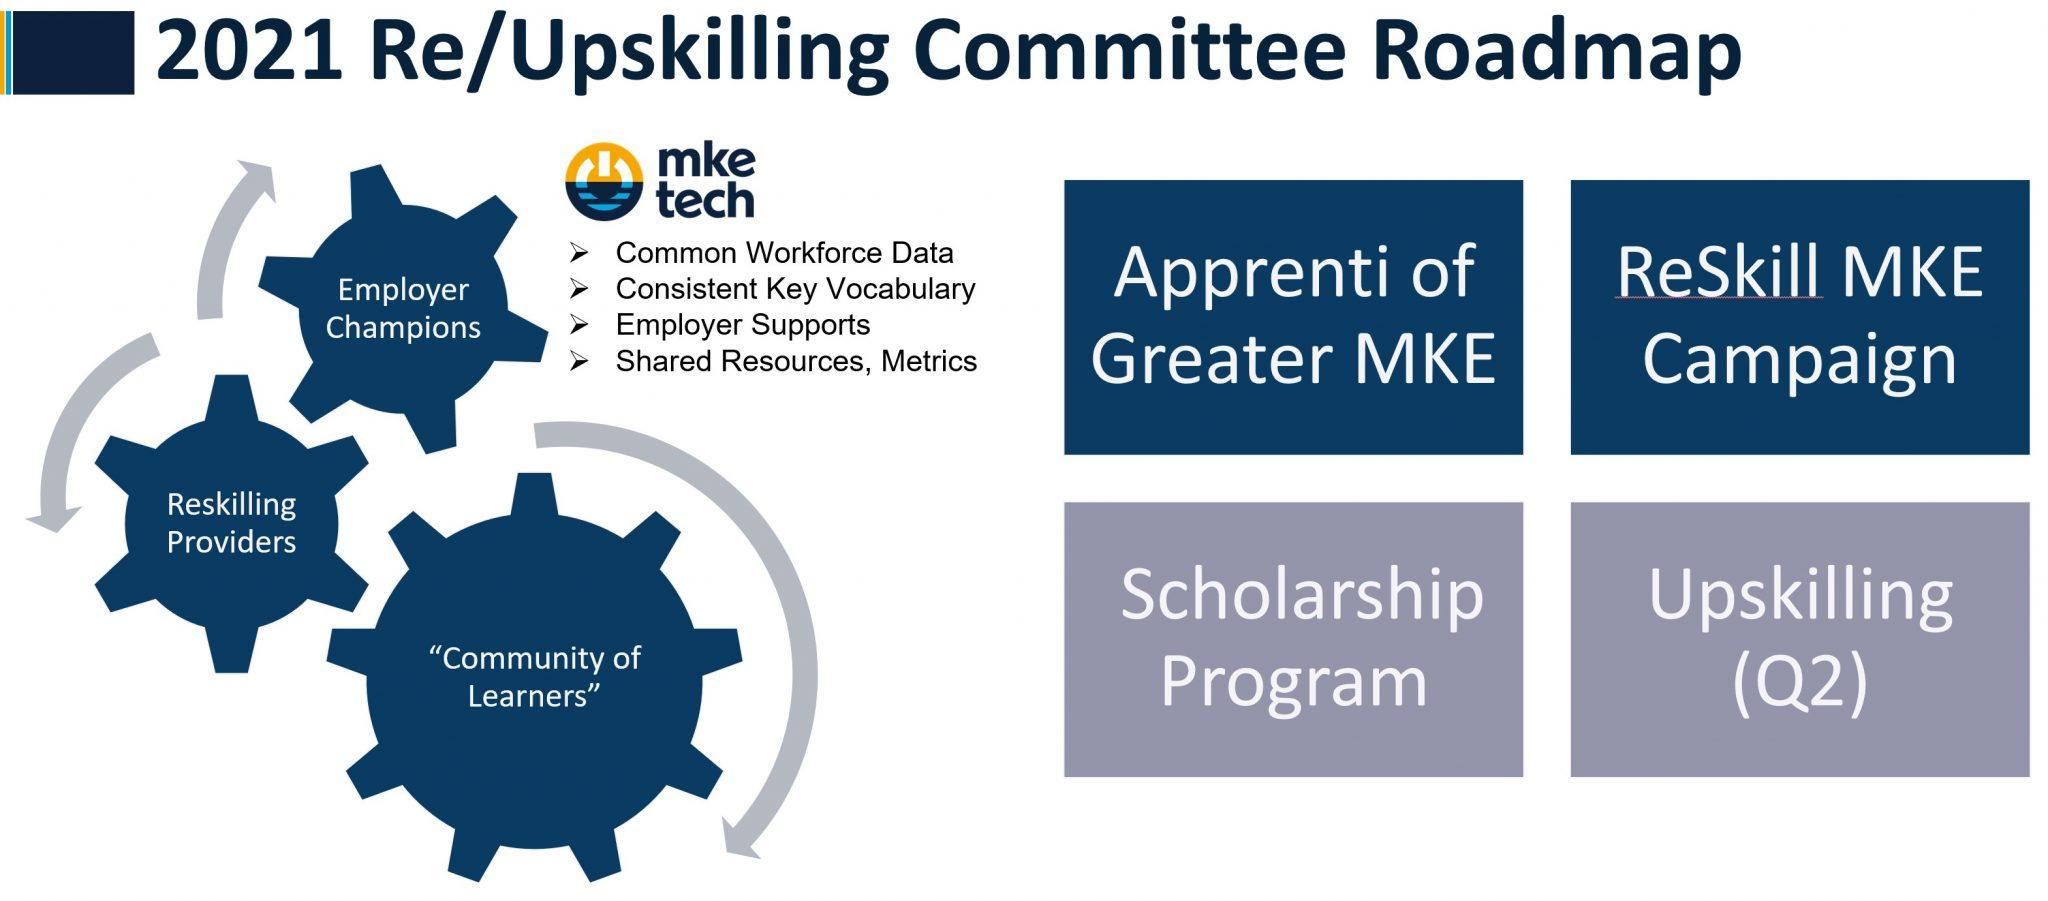 2021 Reskilling Roadmap highlighting committee programs